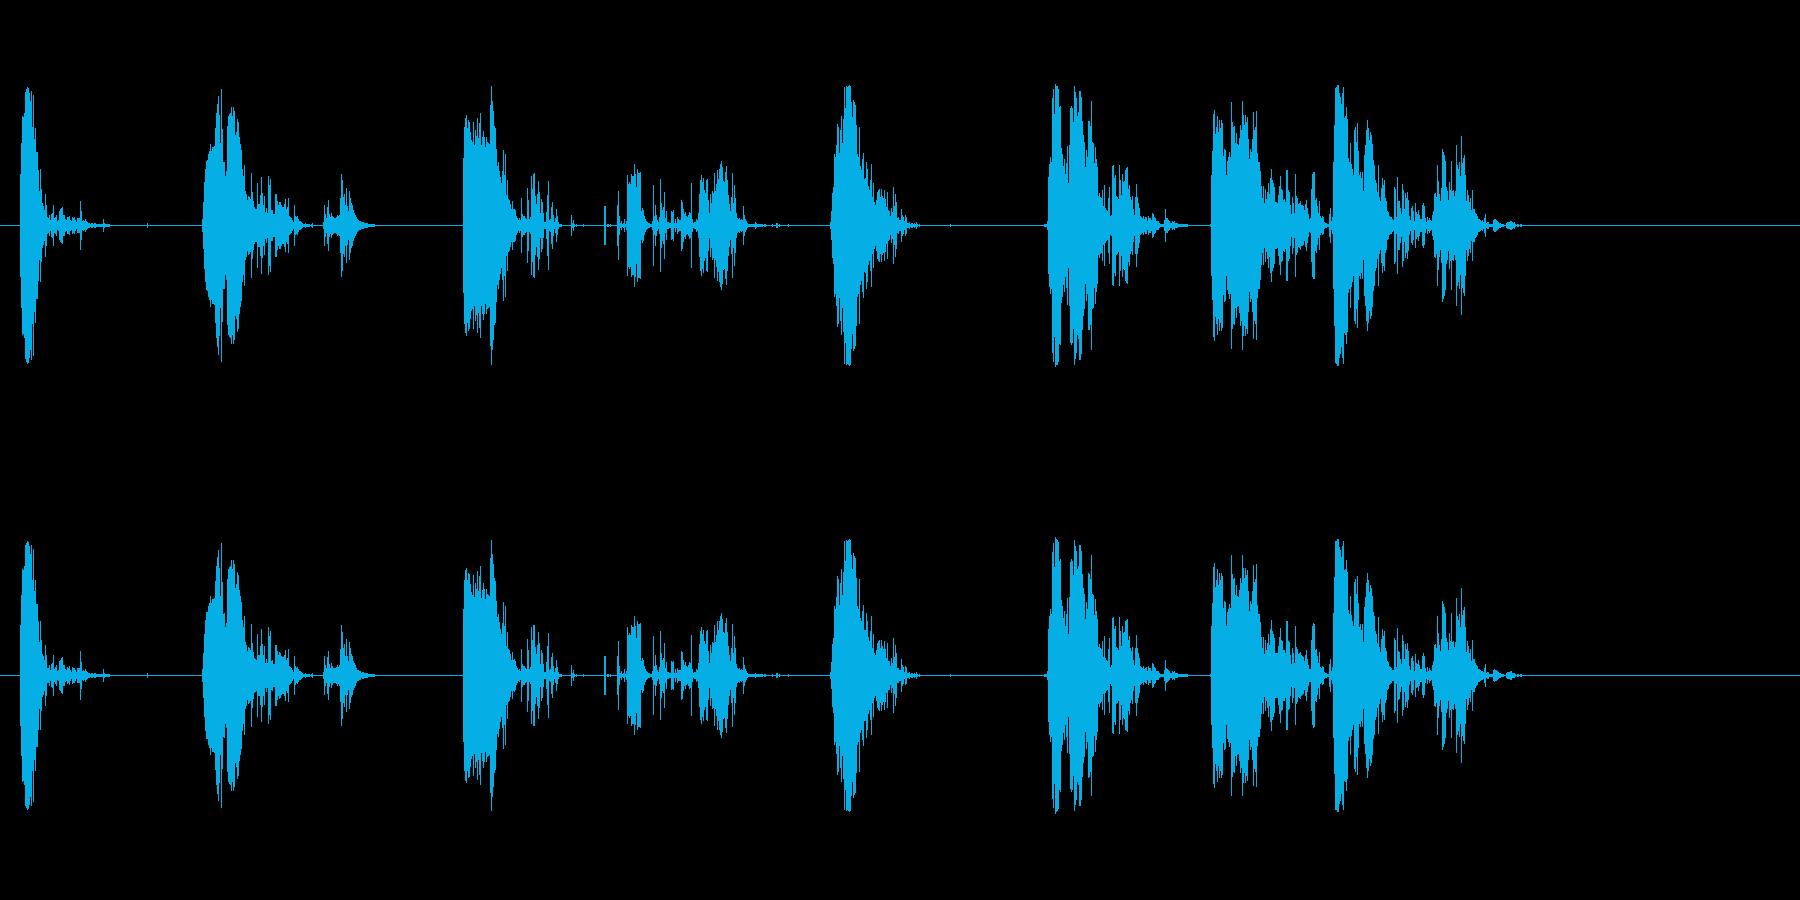 斧;木材を引き裂く複数の影響;一連...の再生済みの波形